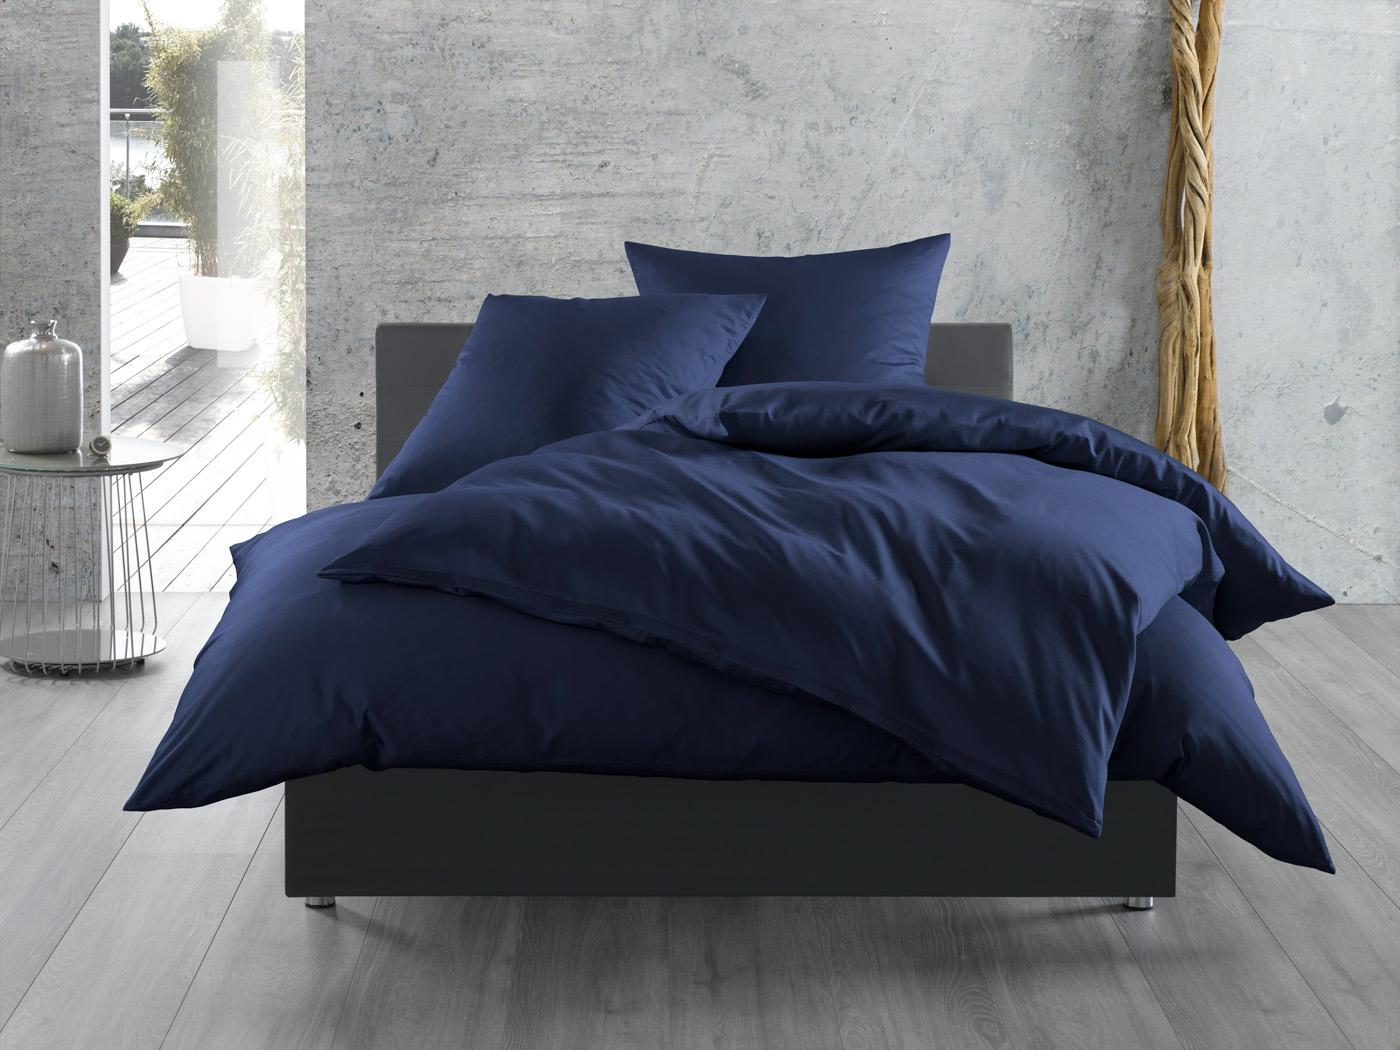 einfarbige bettw sche dunkelblau bettwaesche mit stil. Black Bedroom Furniture Sets. Home Design Ideas